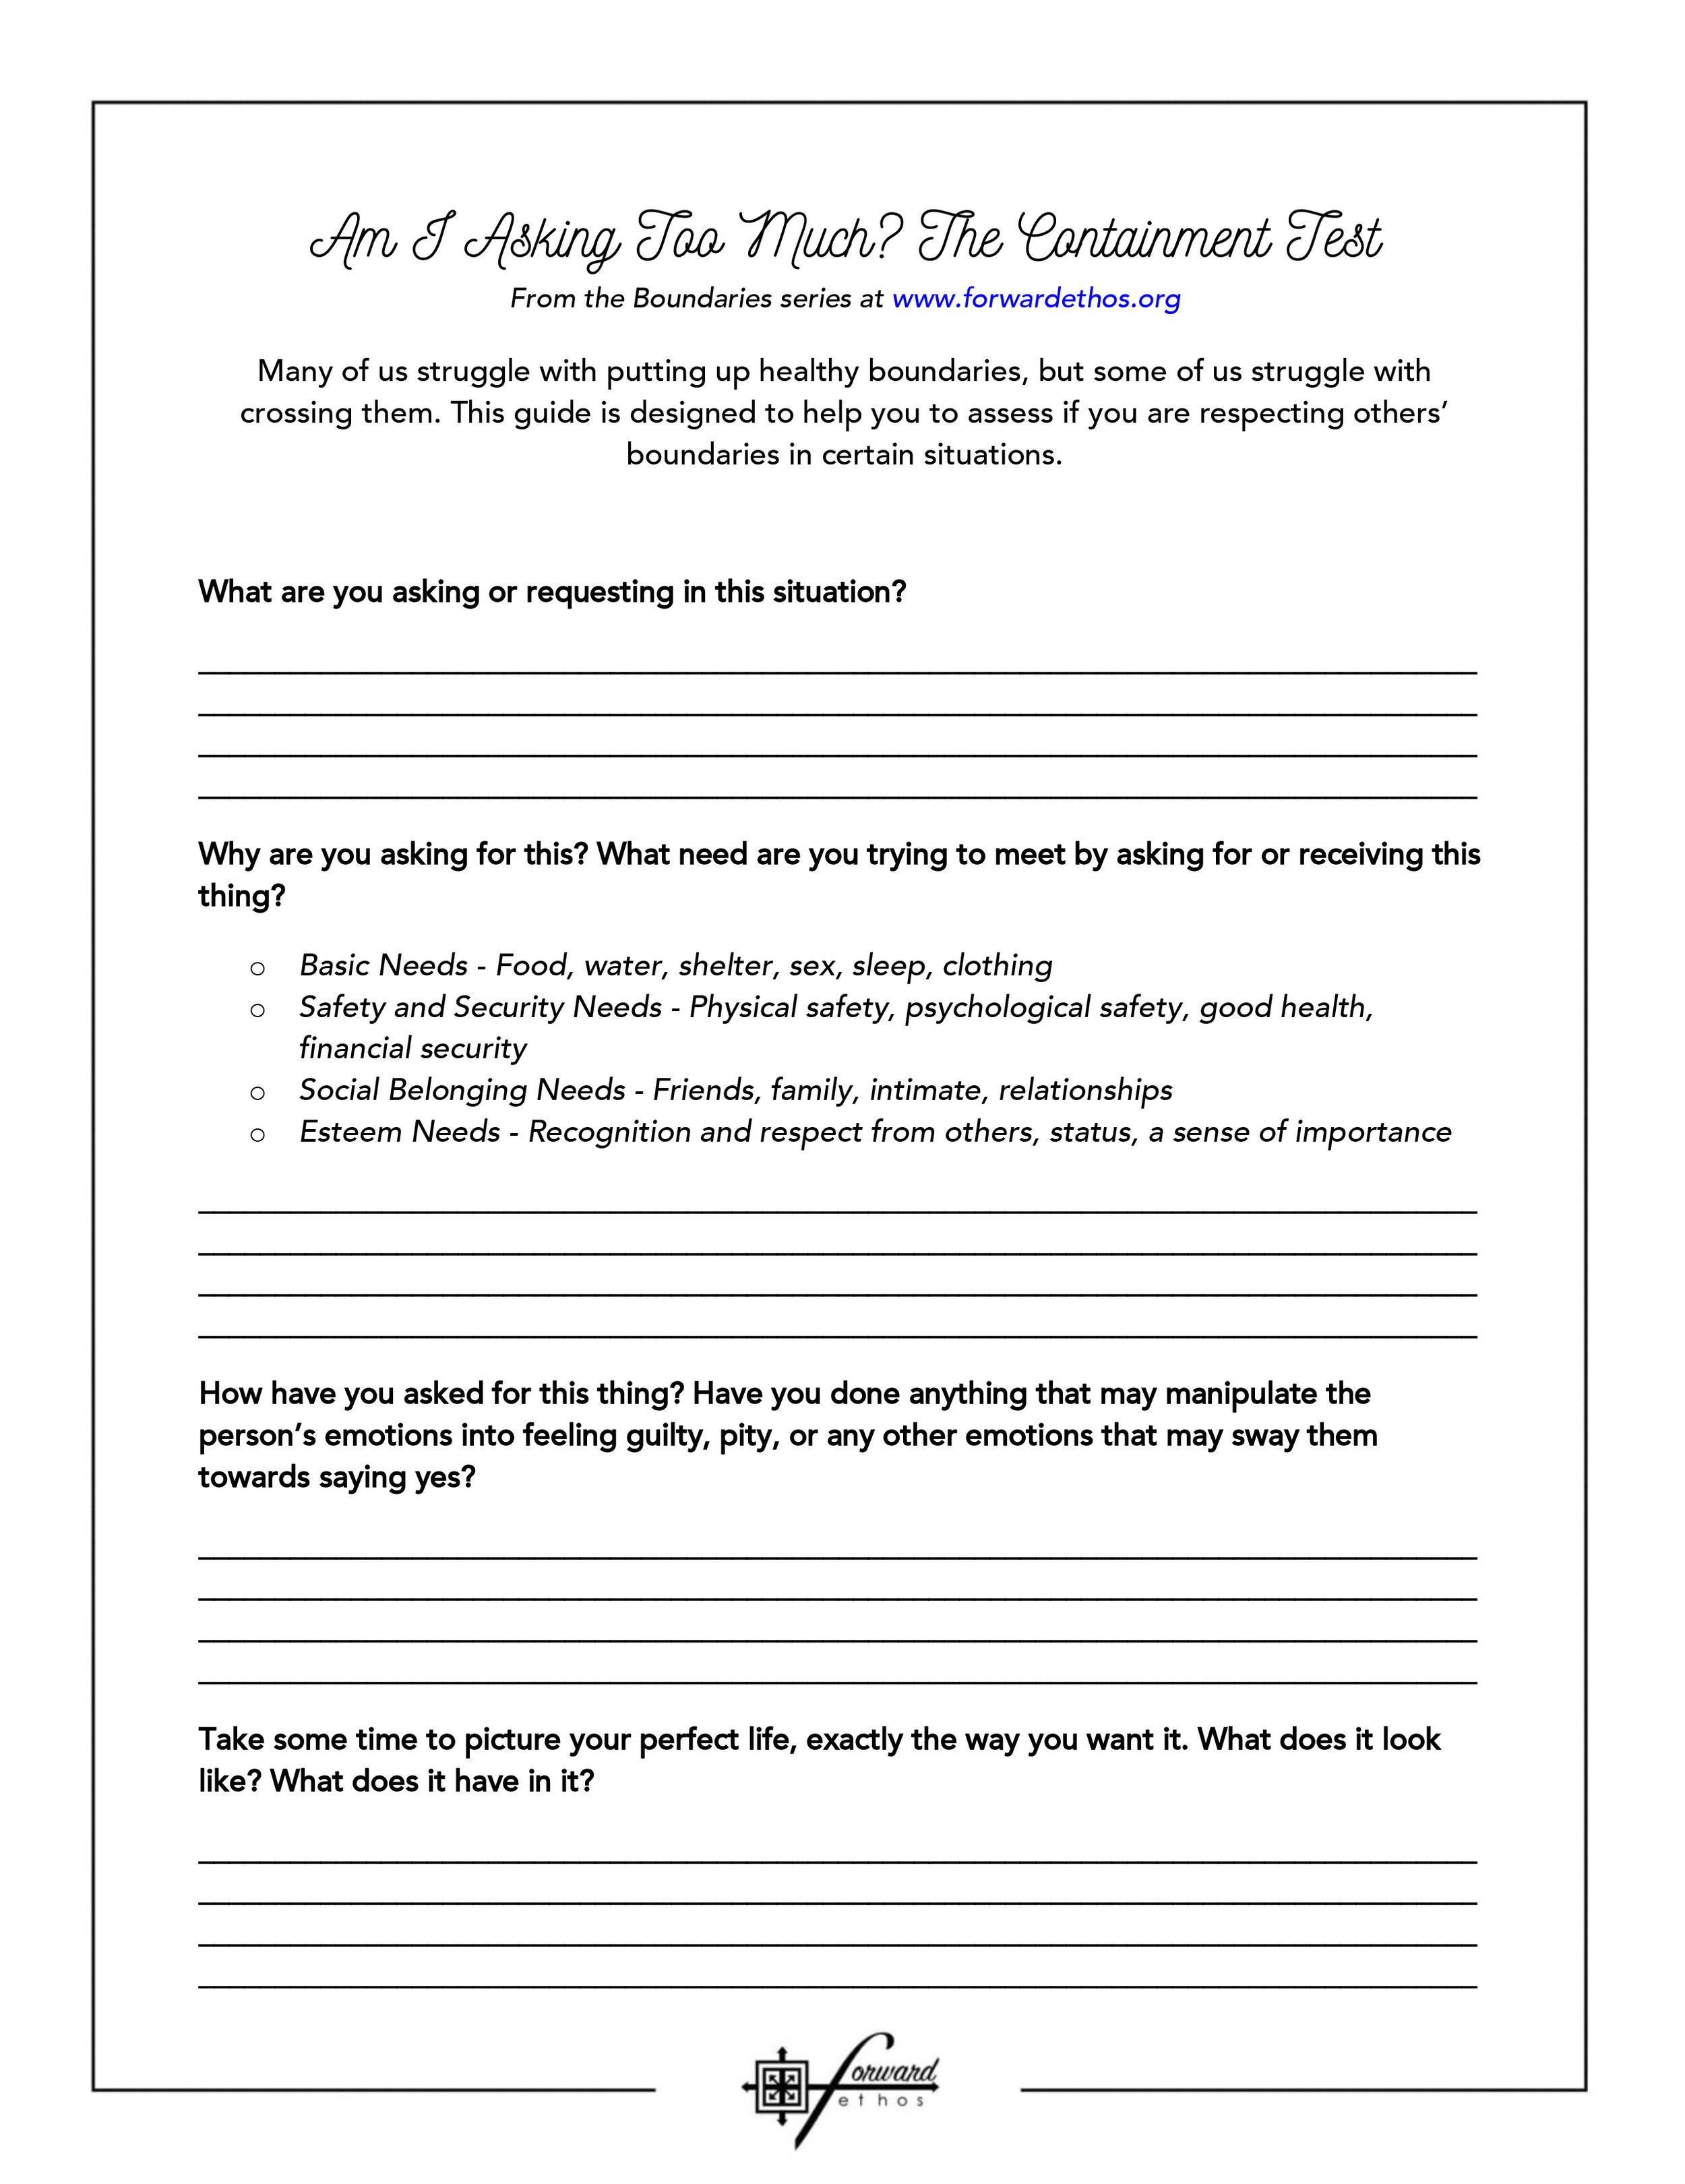 Boundaries Worksheet 04-1.jpg